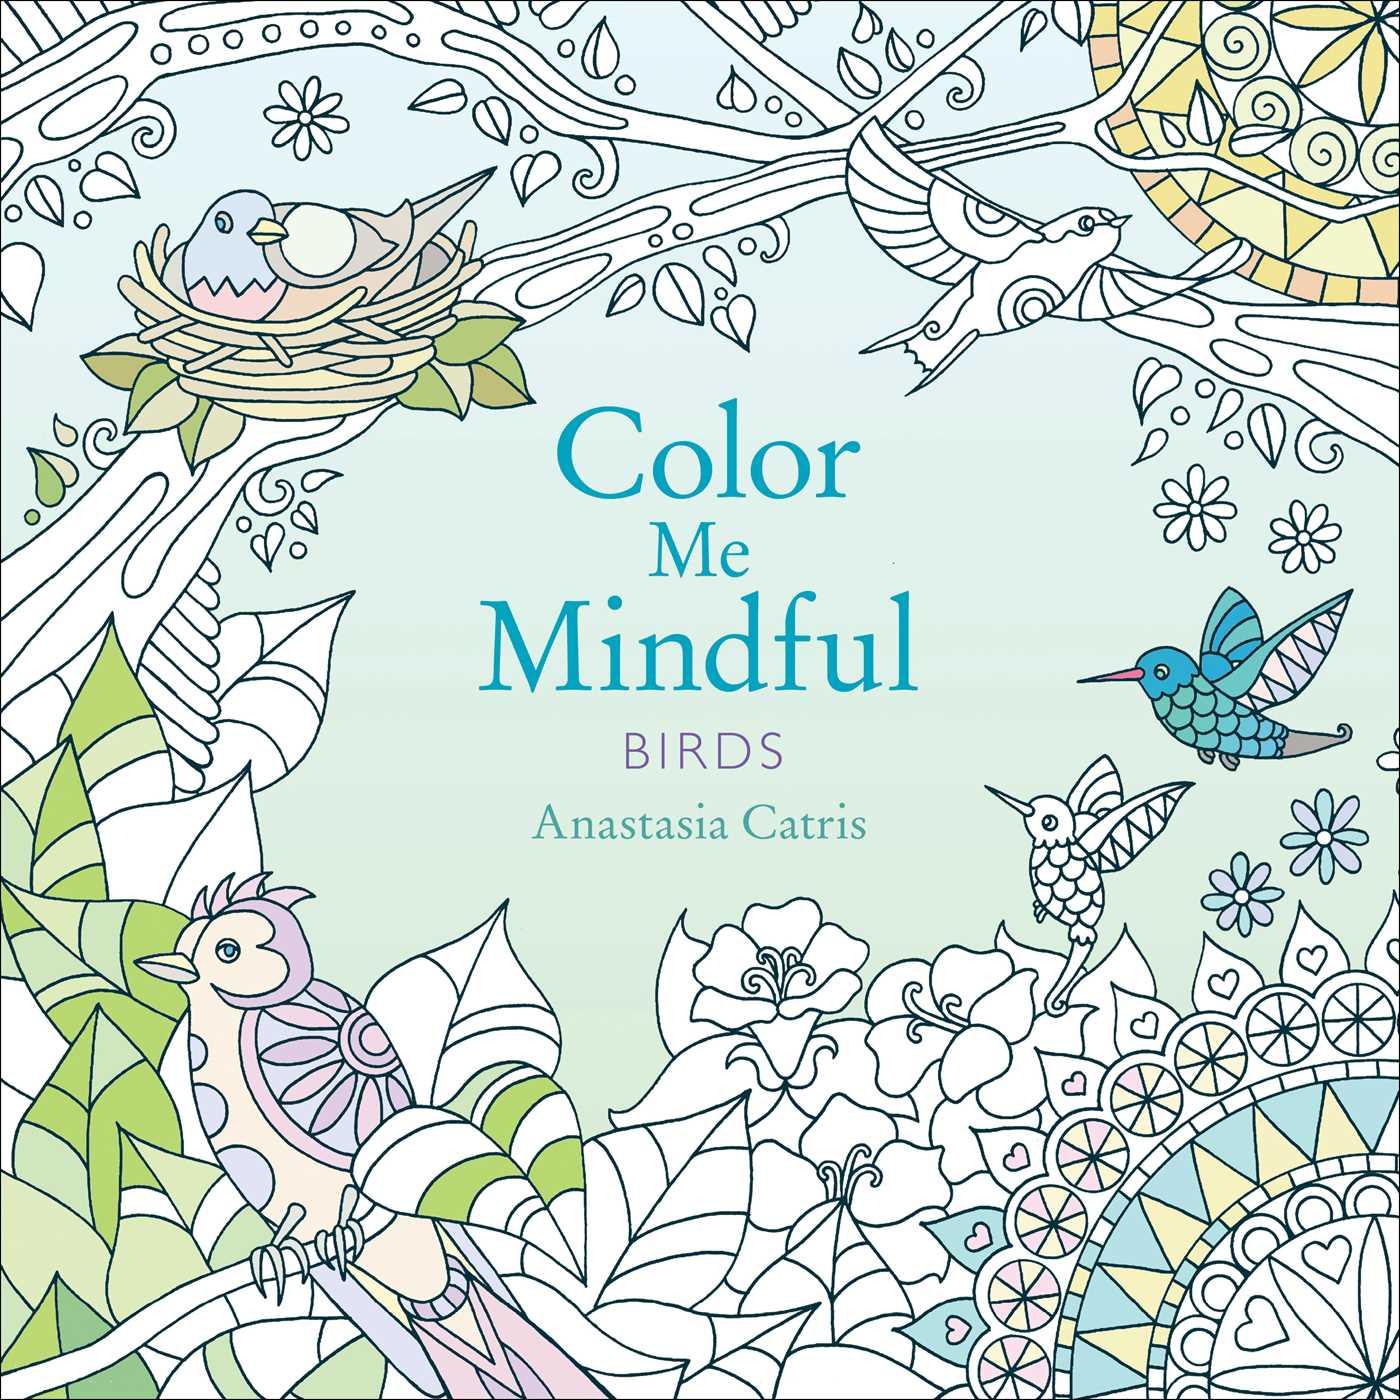 Color Me Mindful: Birds